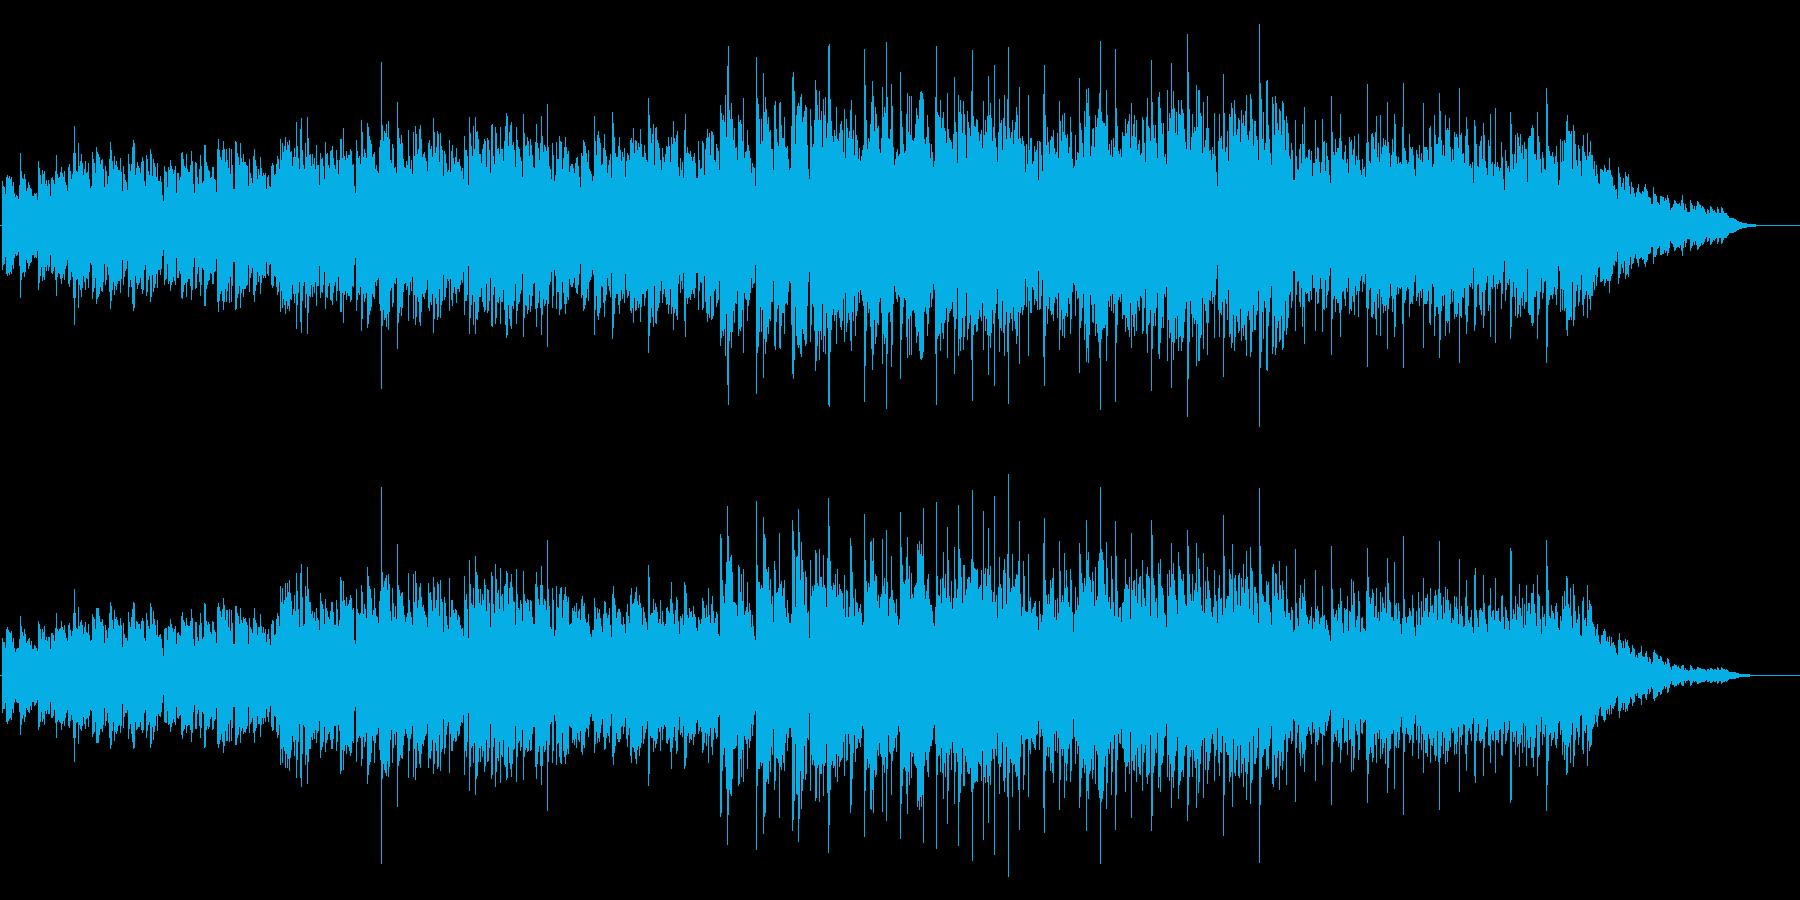 岬とその周りの風景をイメージした楽曲ですの再生済みの波形